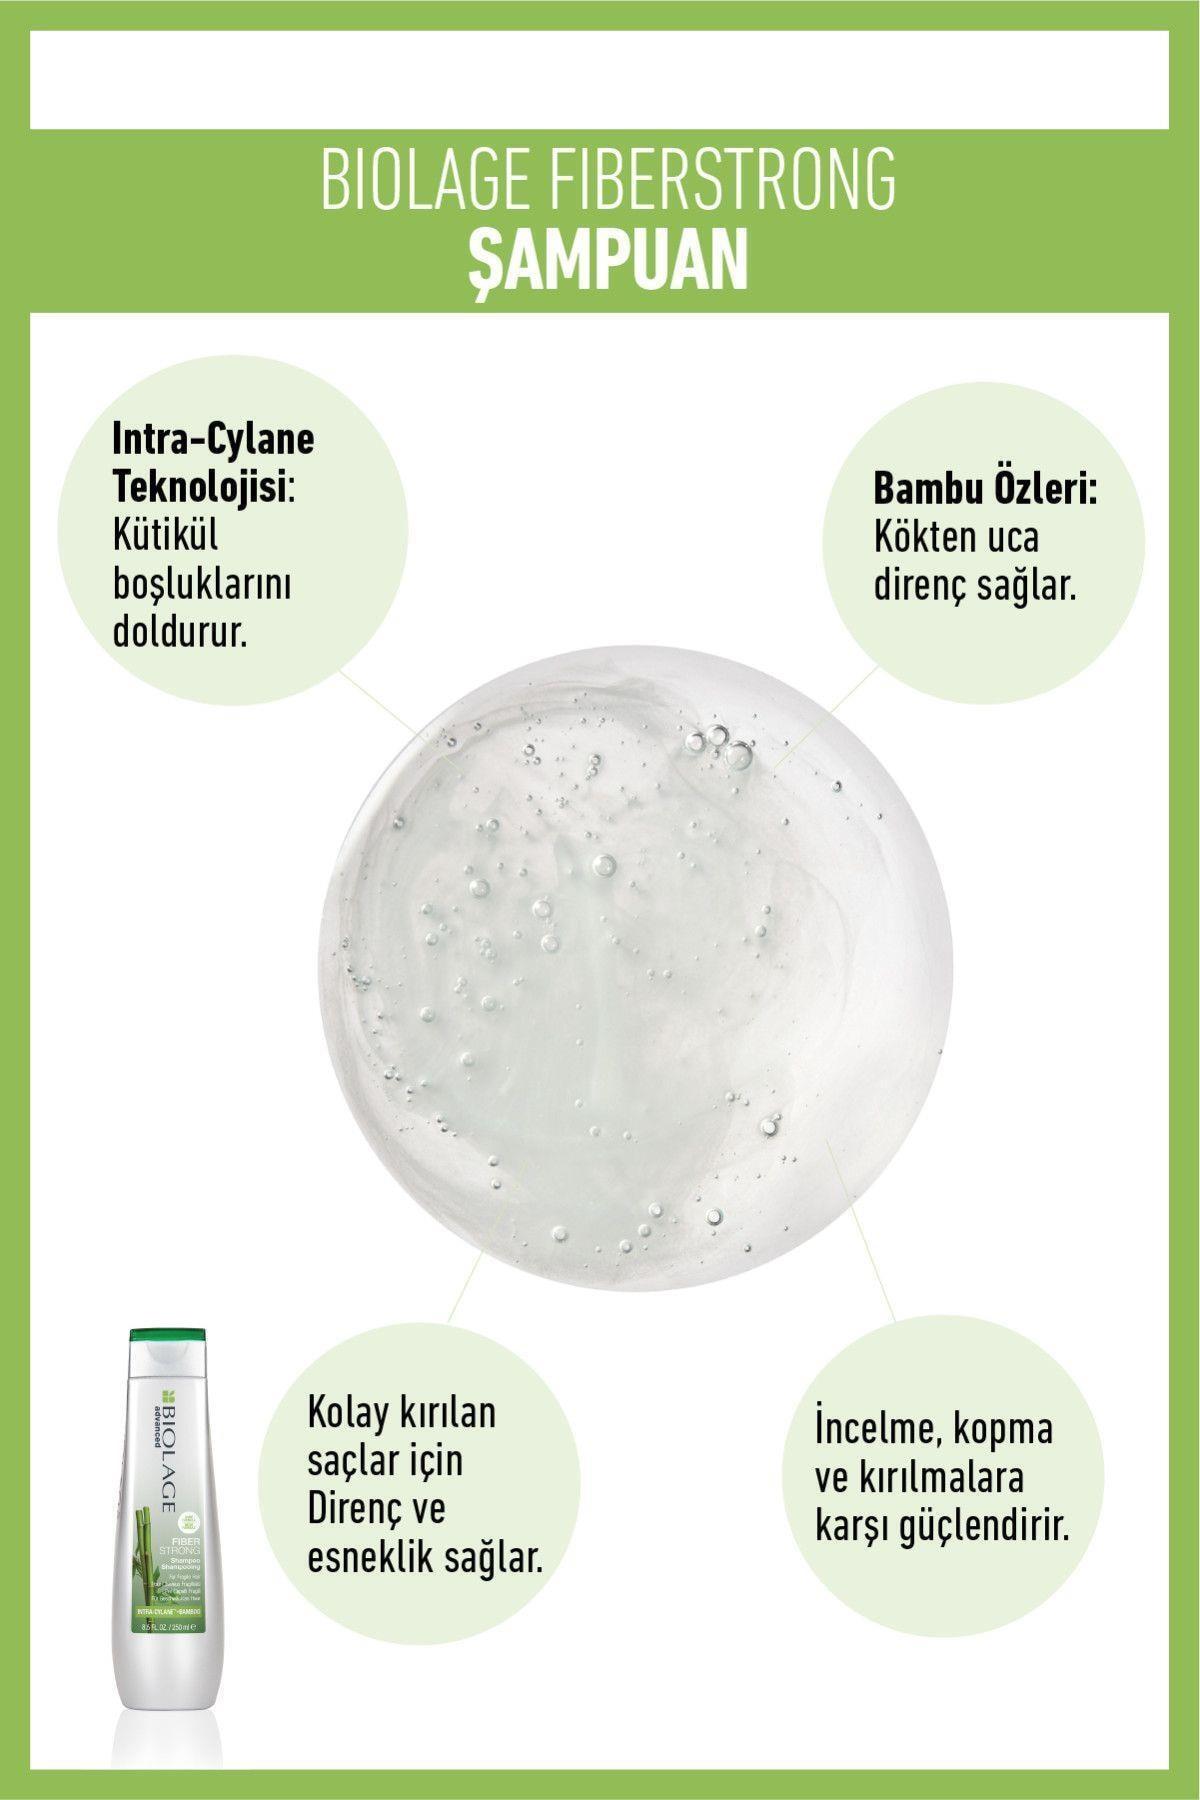 Biolage Fiberstrong Yıpranmış Kolay Kırılan Saçlar Için Güçlendirici Şampuan 250 ml 1